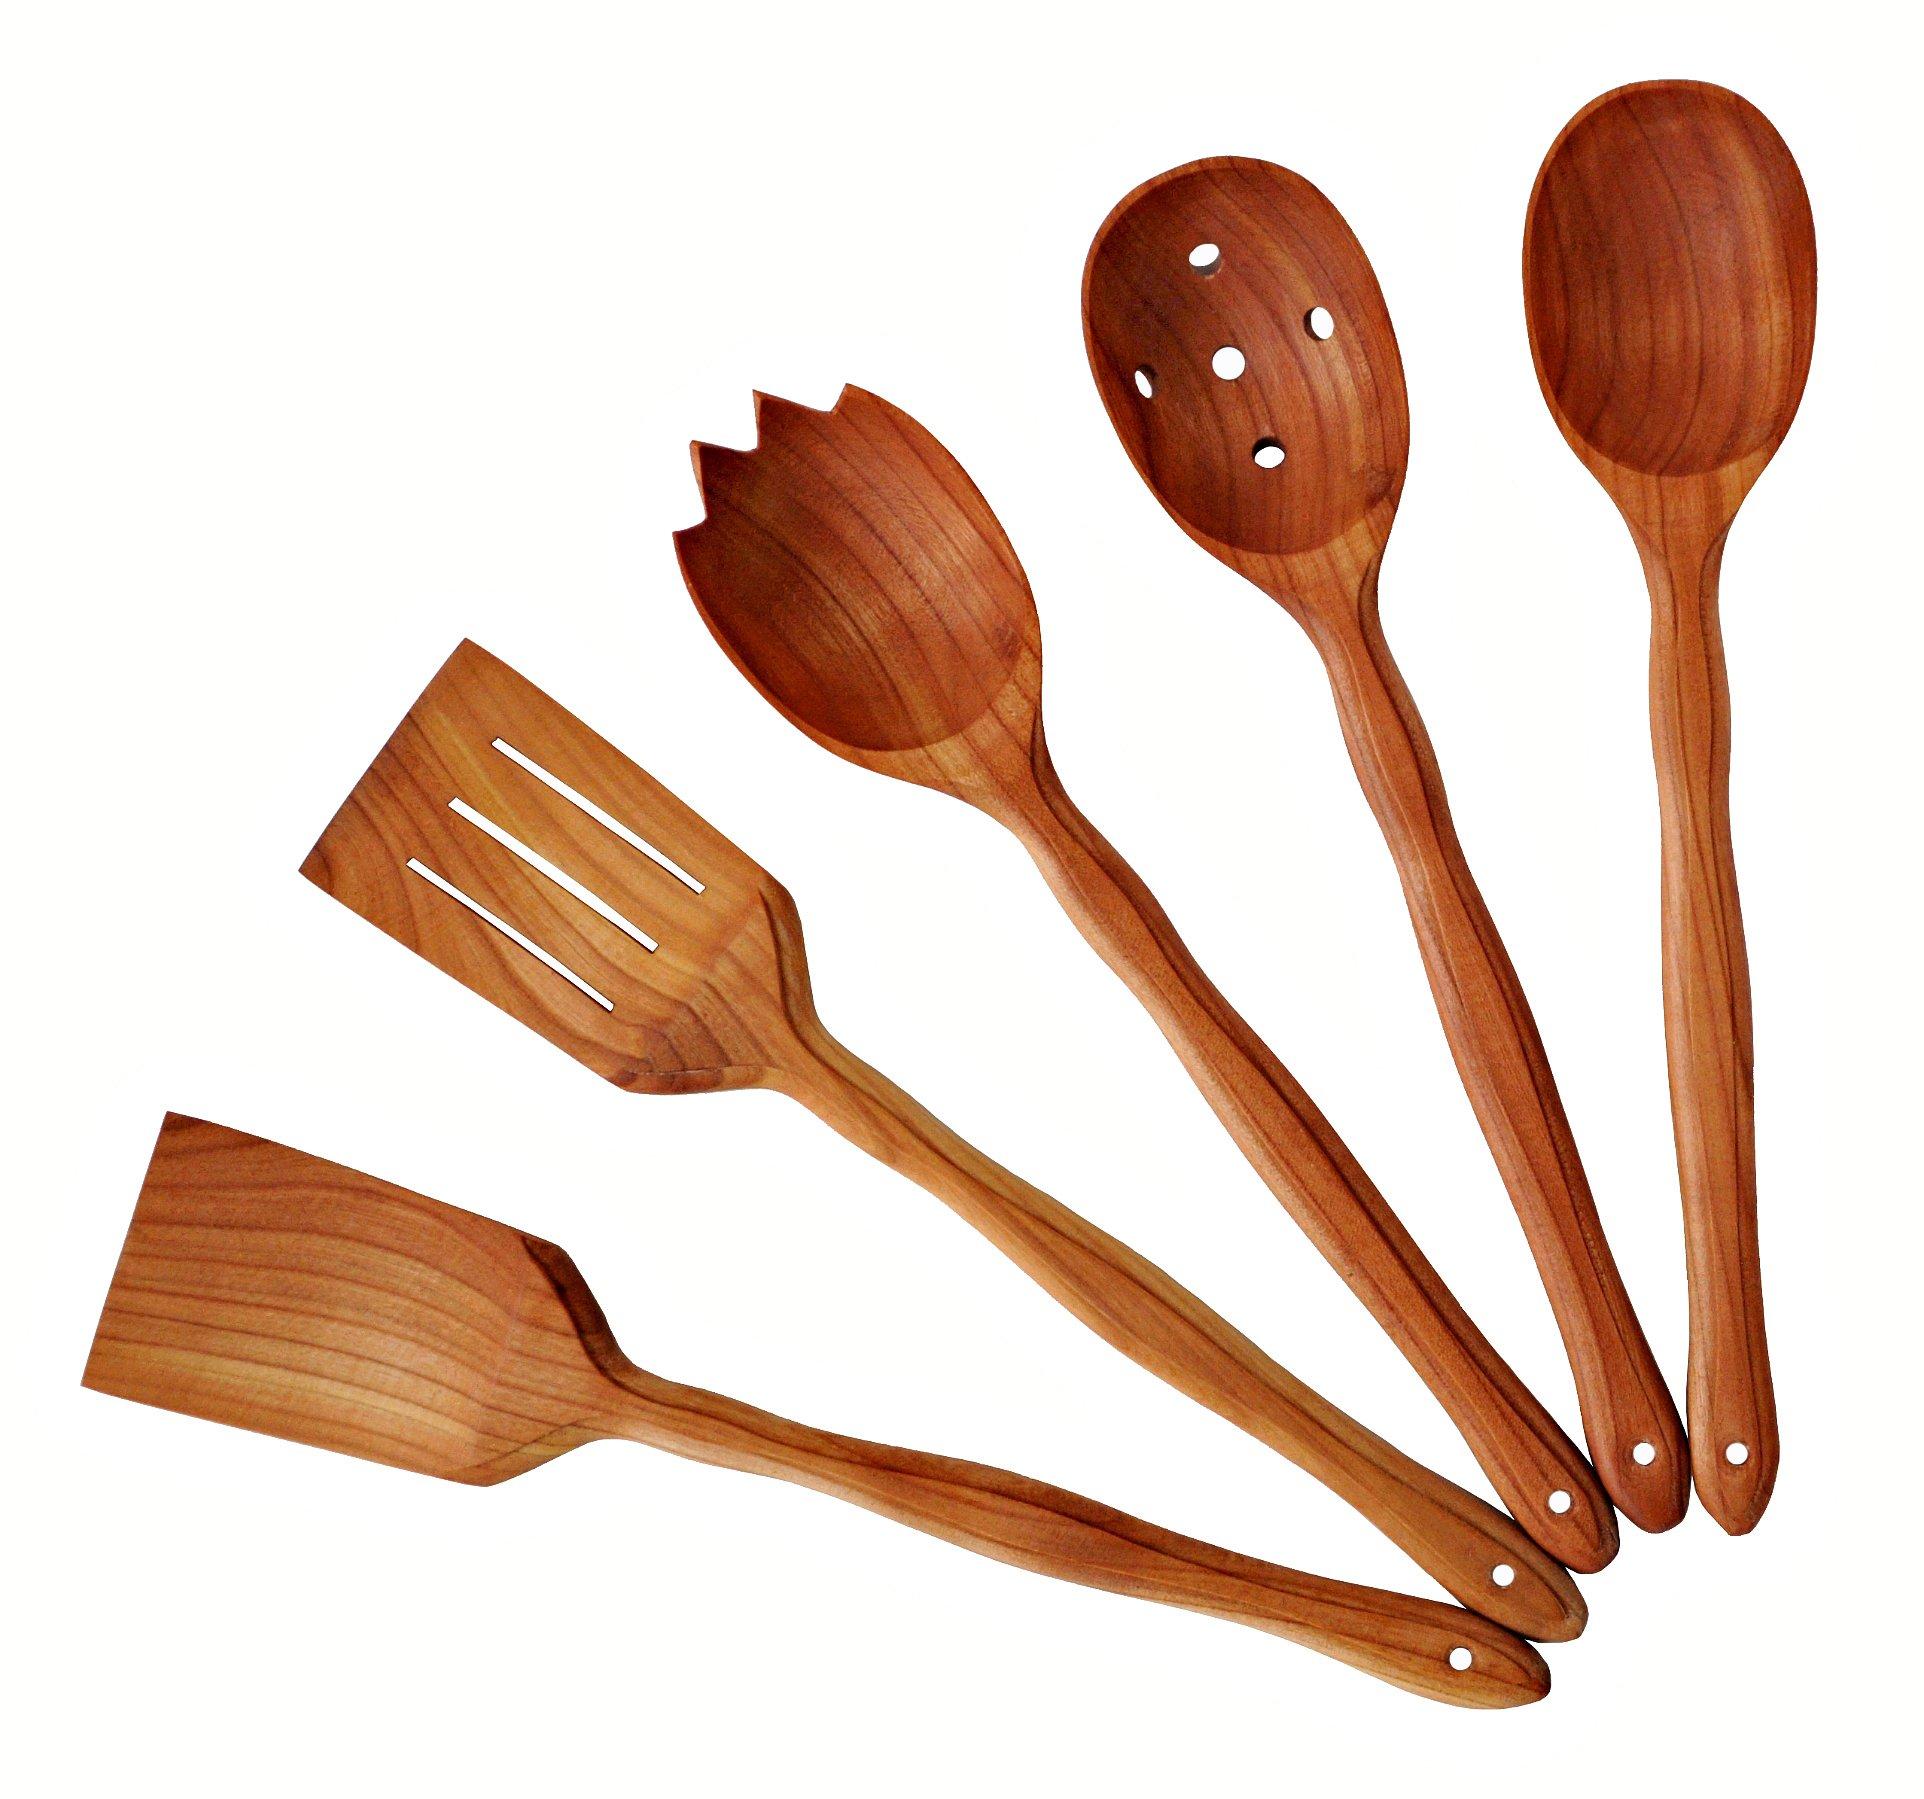 Handmade Utensil Set. Wooden Cute Kitchen Utensils Set 14''/35 cm. Cherry Wood Kitchen Supplies & Utensils Big Set of 5